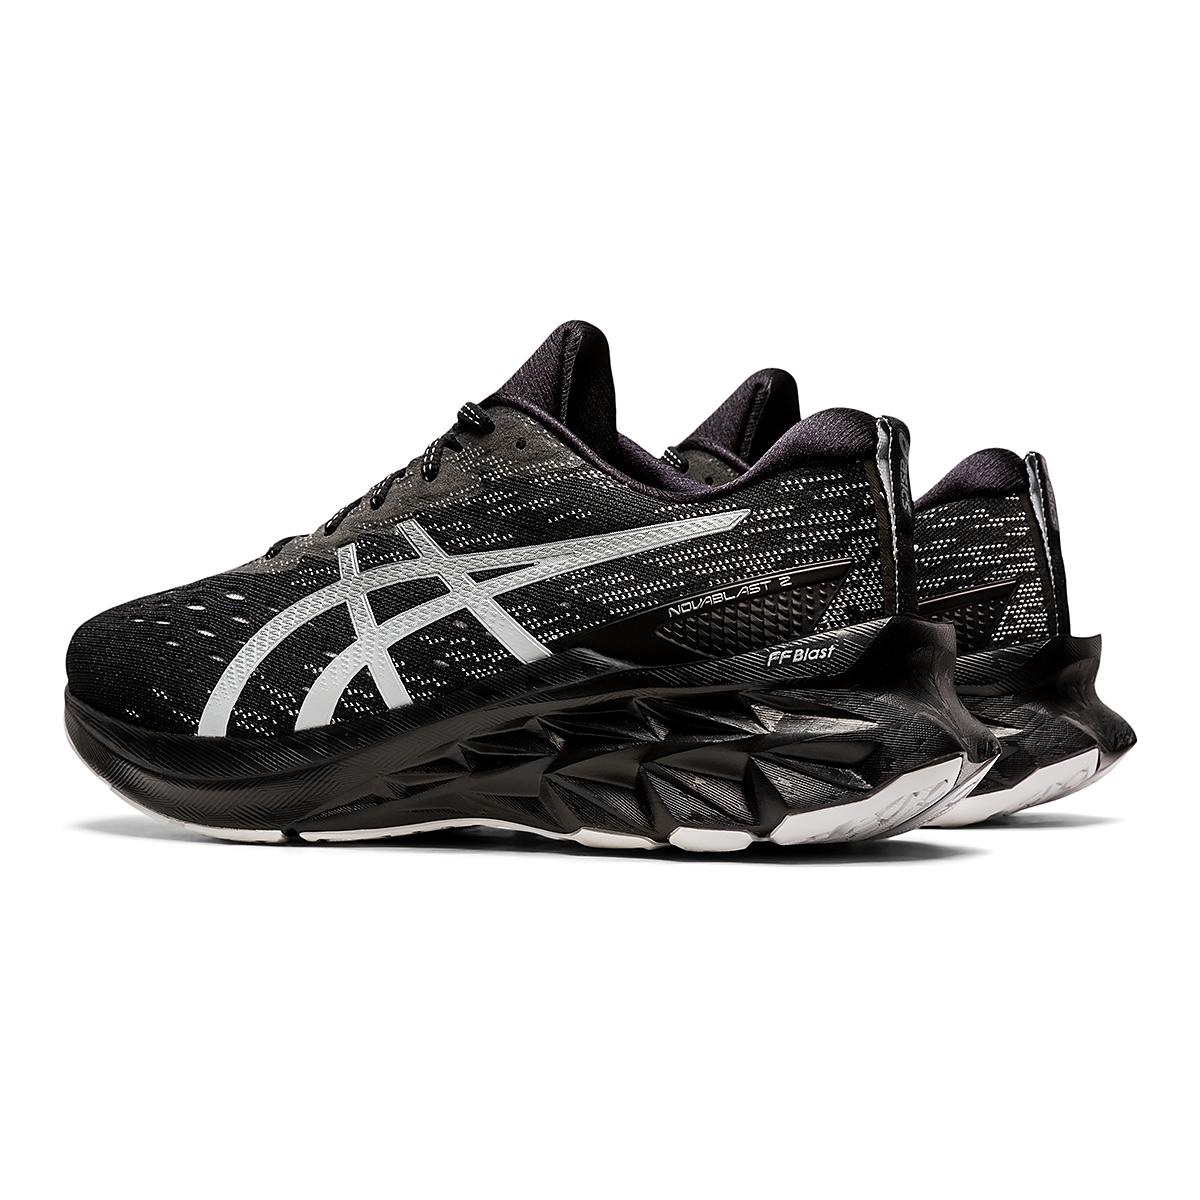 Men's Asics Novablast 2 Running Shoe - Color: Black/Pure Silver - Size: 6 - Width: Regular, Black/Pure Silver, large, image 4